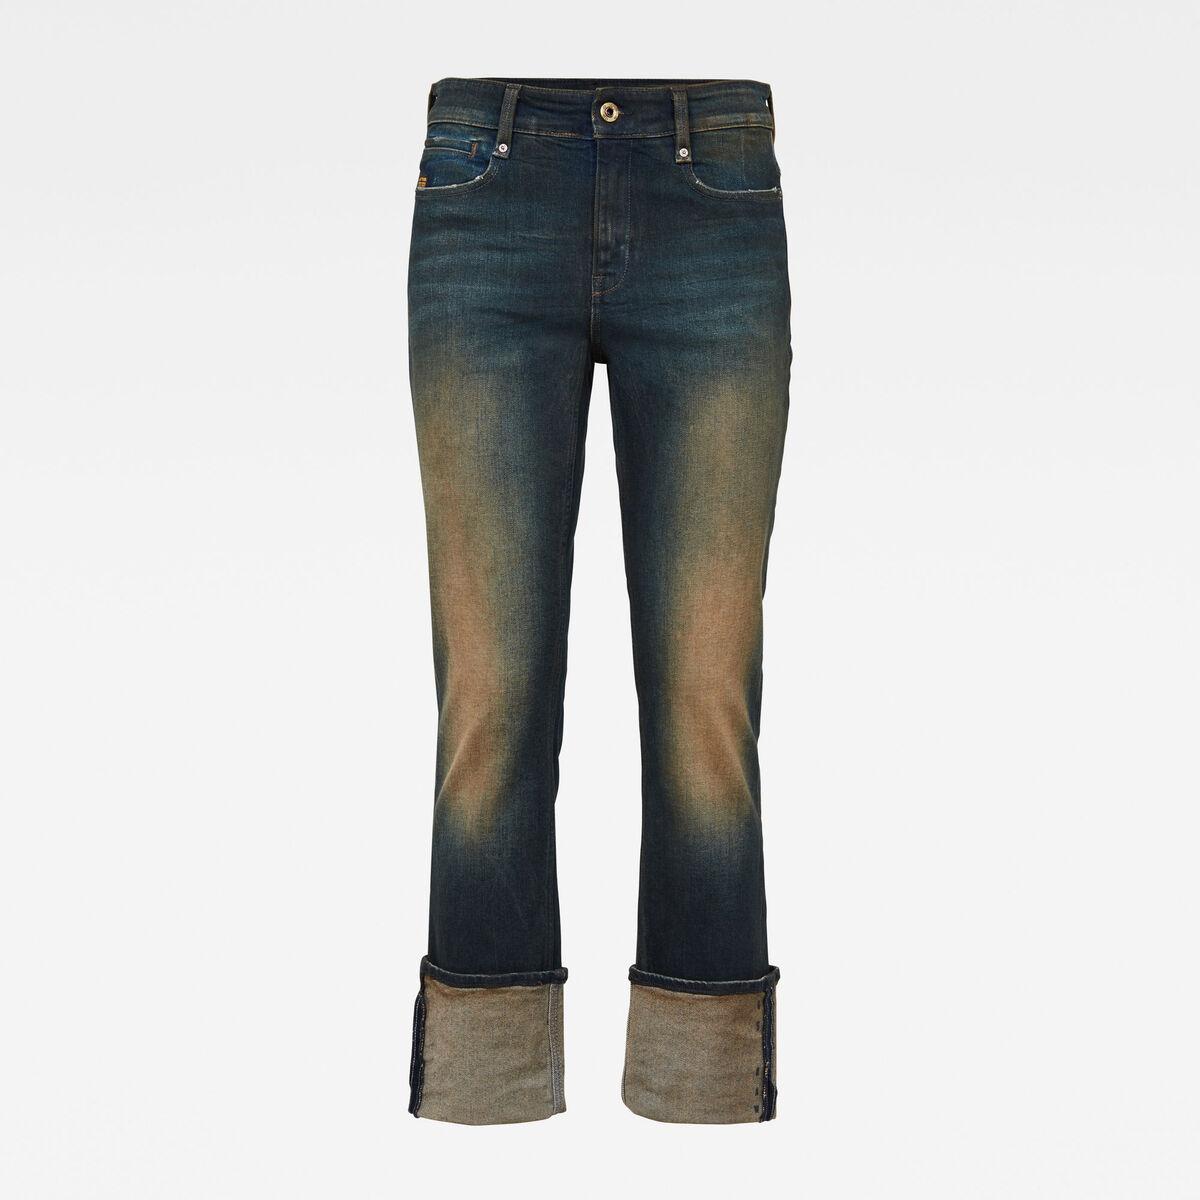 Bild 4 von Noxer High Straight Jeans